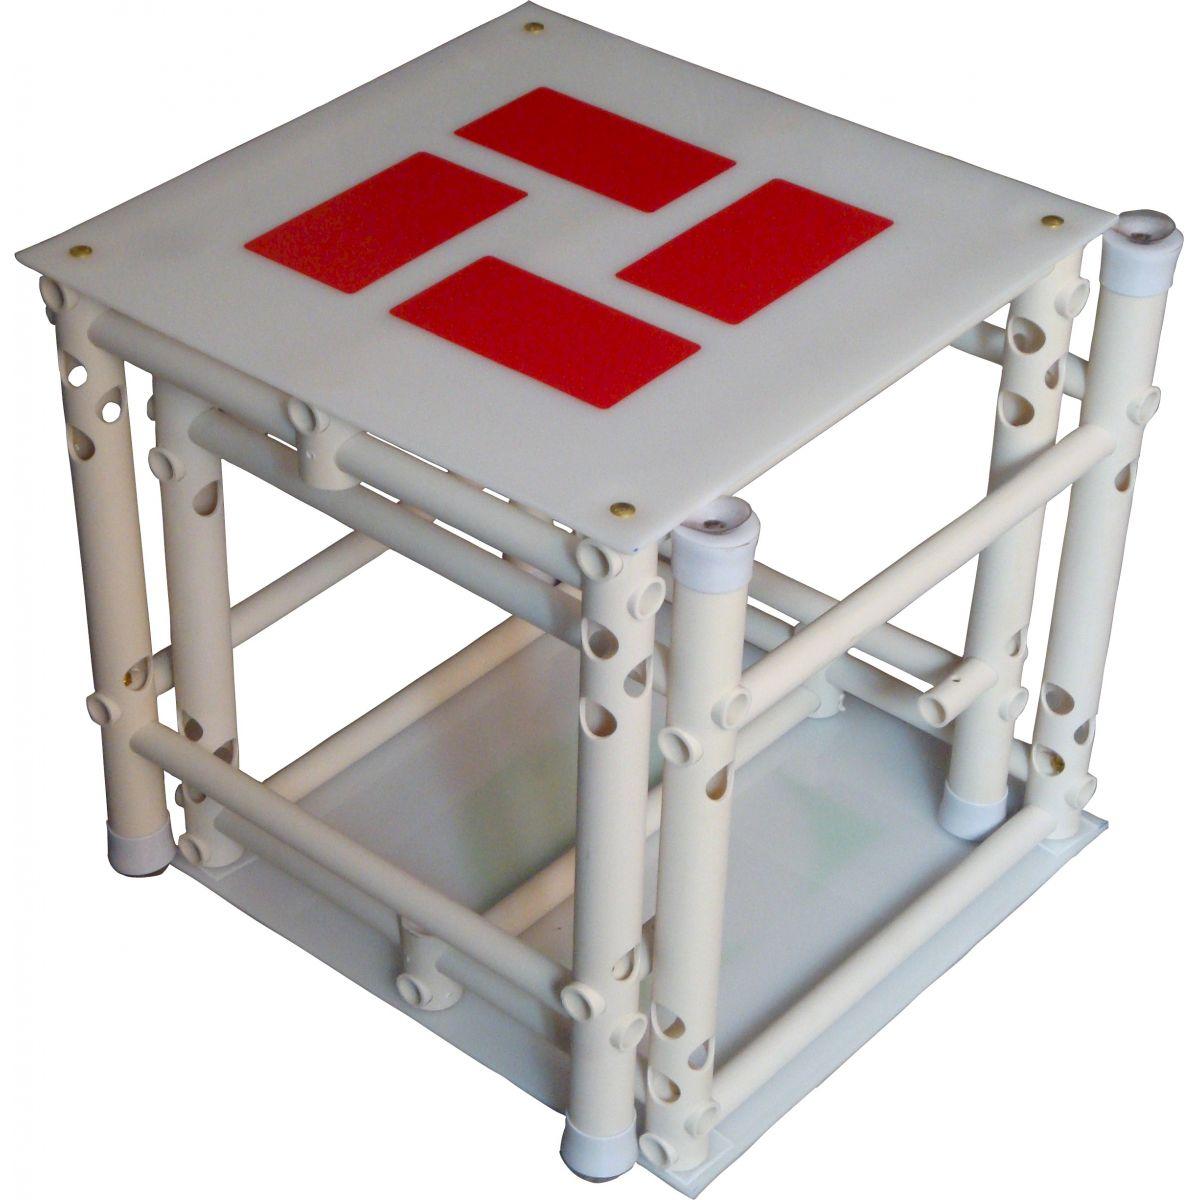 Cubos para elevar fundo de piscina 50x50x50cm encaix veis for Plataforma para piscina